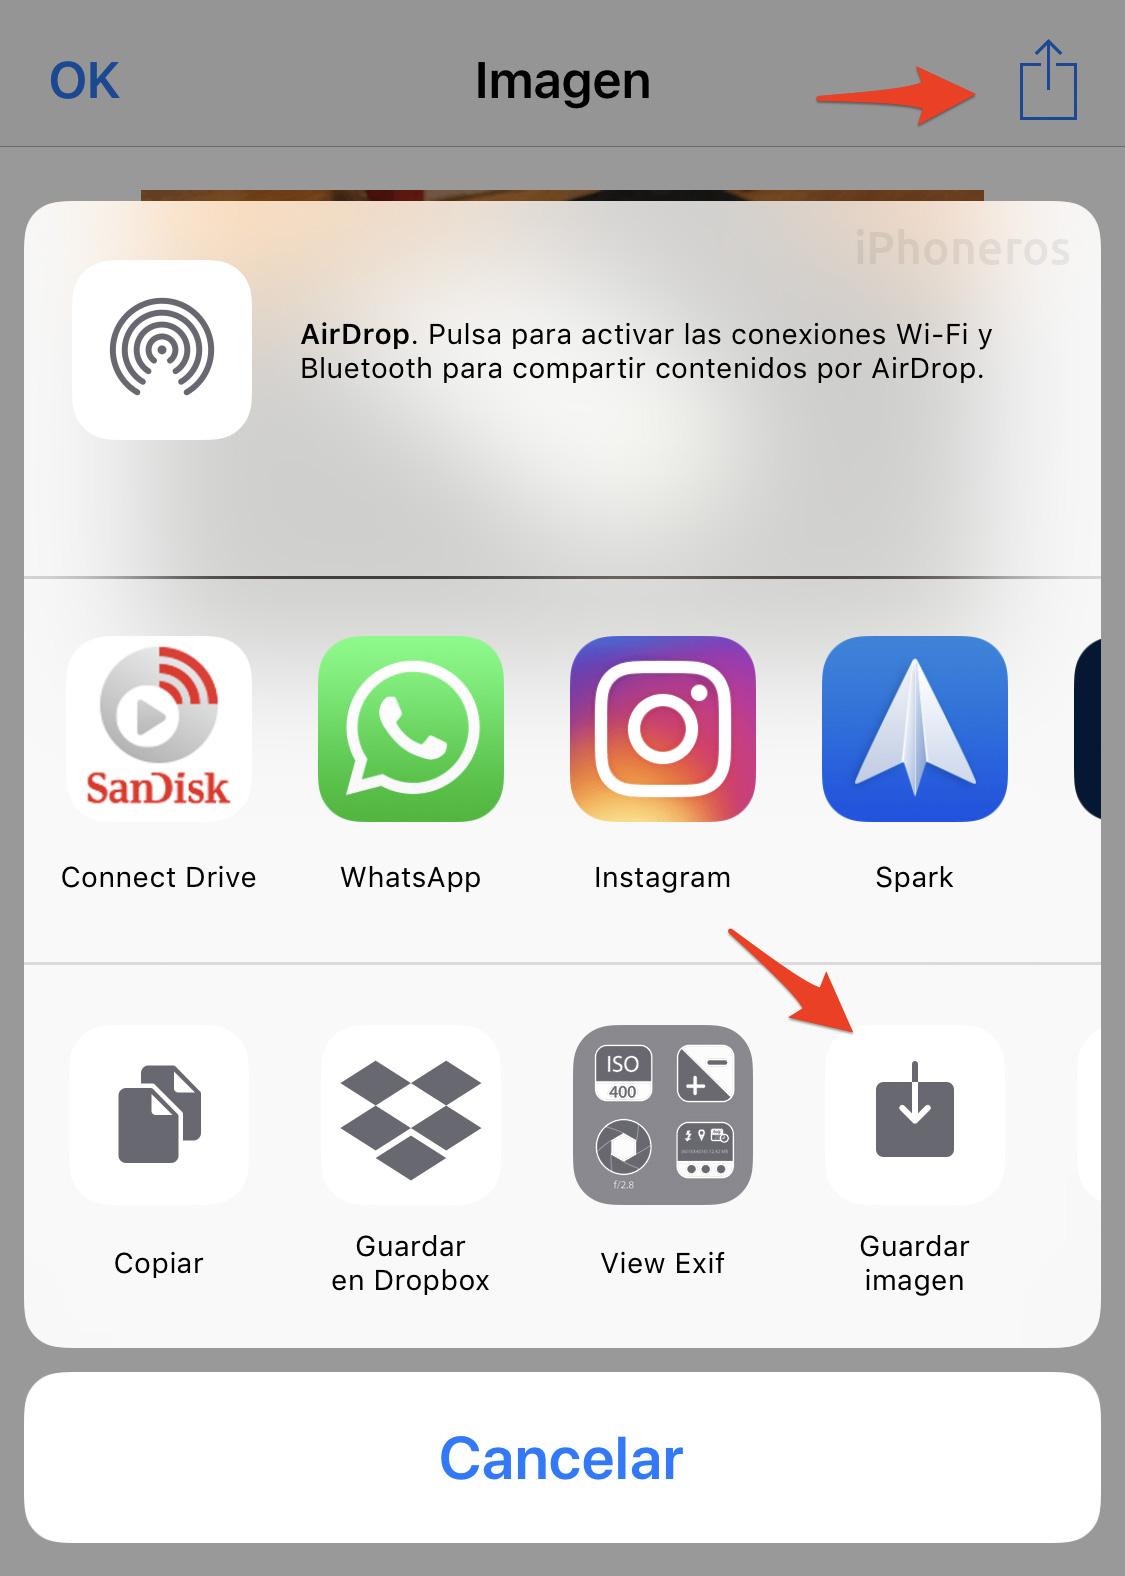 App de Atajos: Guardar el resultado en el carrete